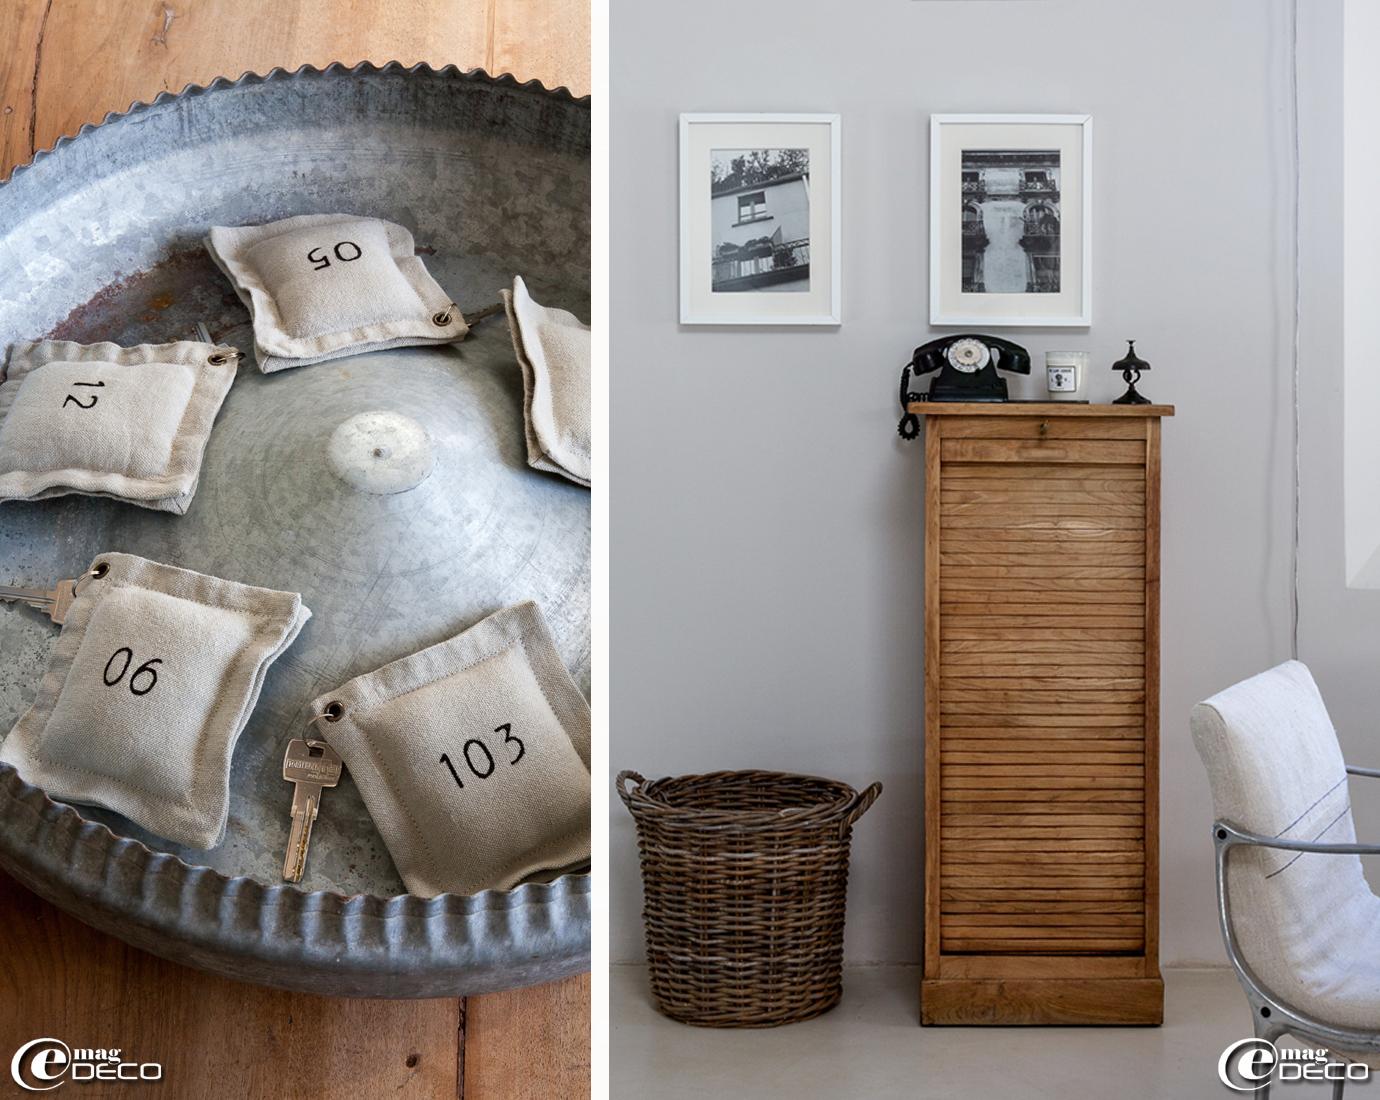 Un plat en zinc chiné contient les clés des chambres d'hôtes, sur un ancien classeur de bureau en bois, une bougie 'Astier de Villatte'